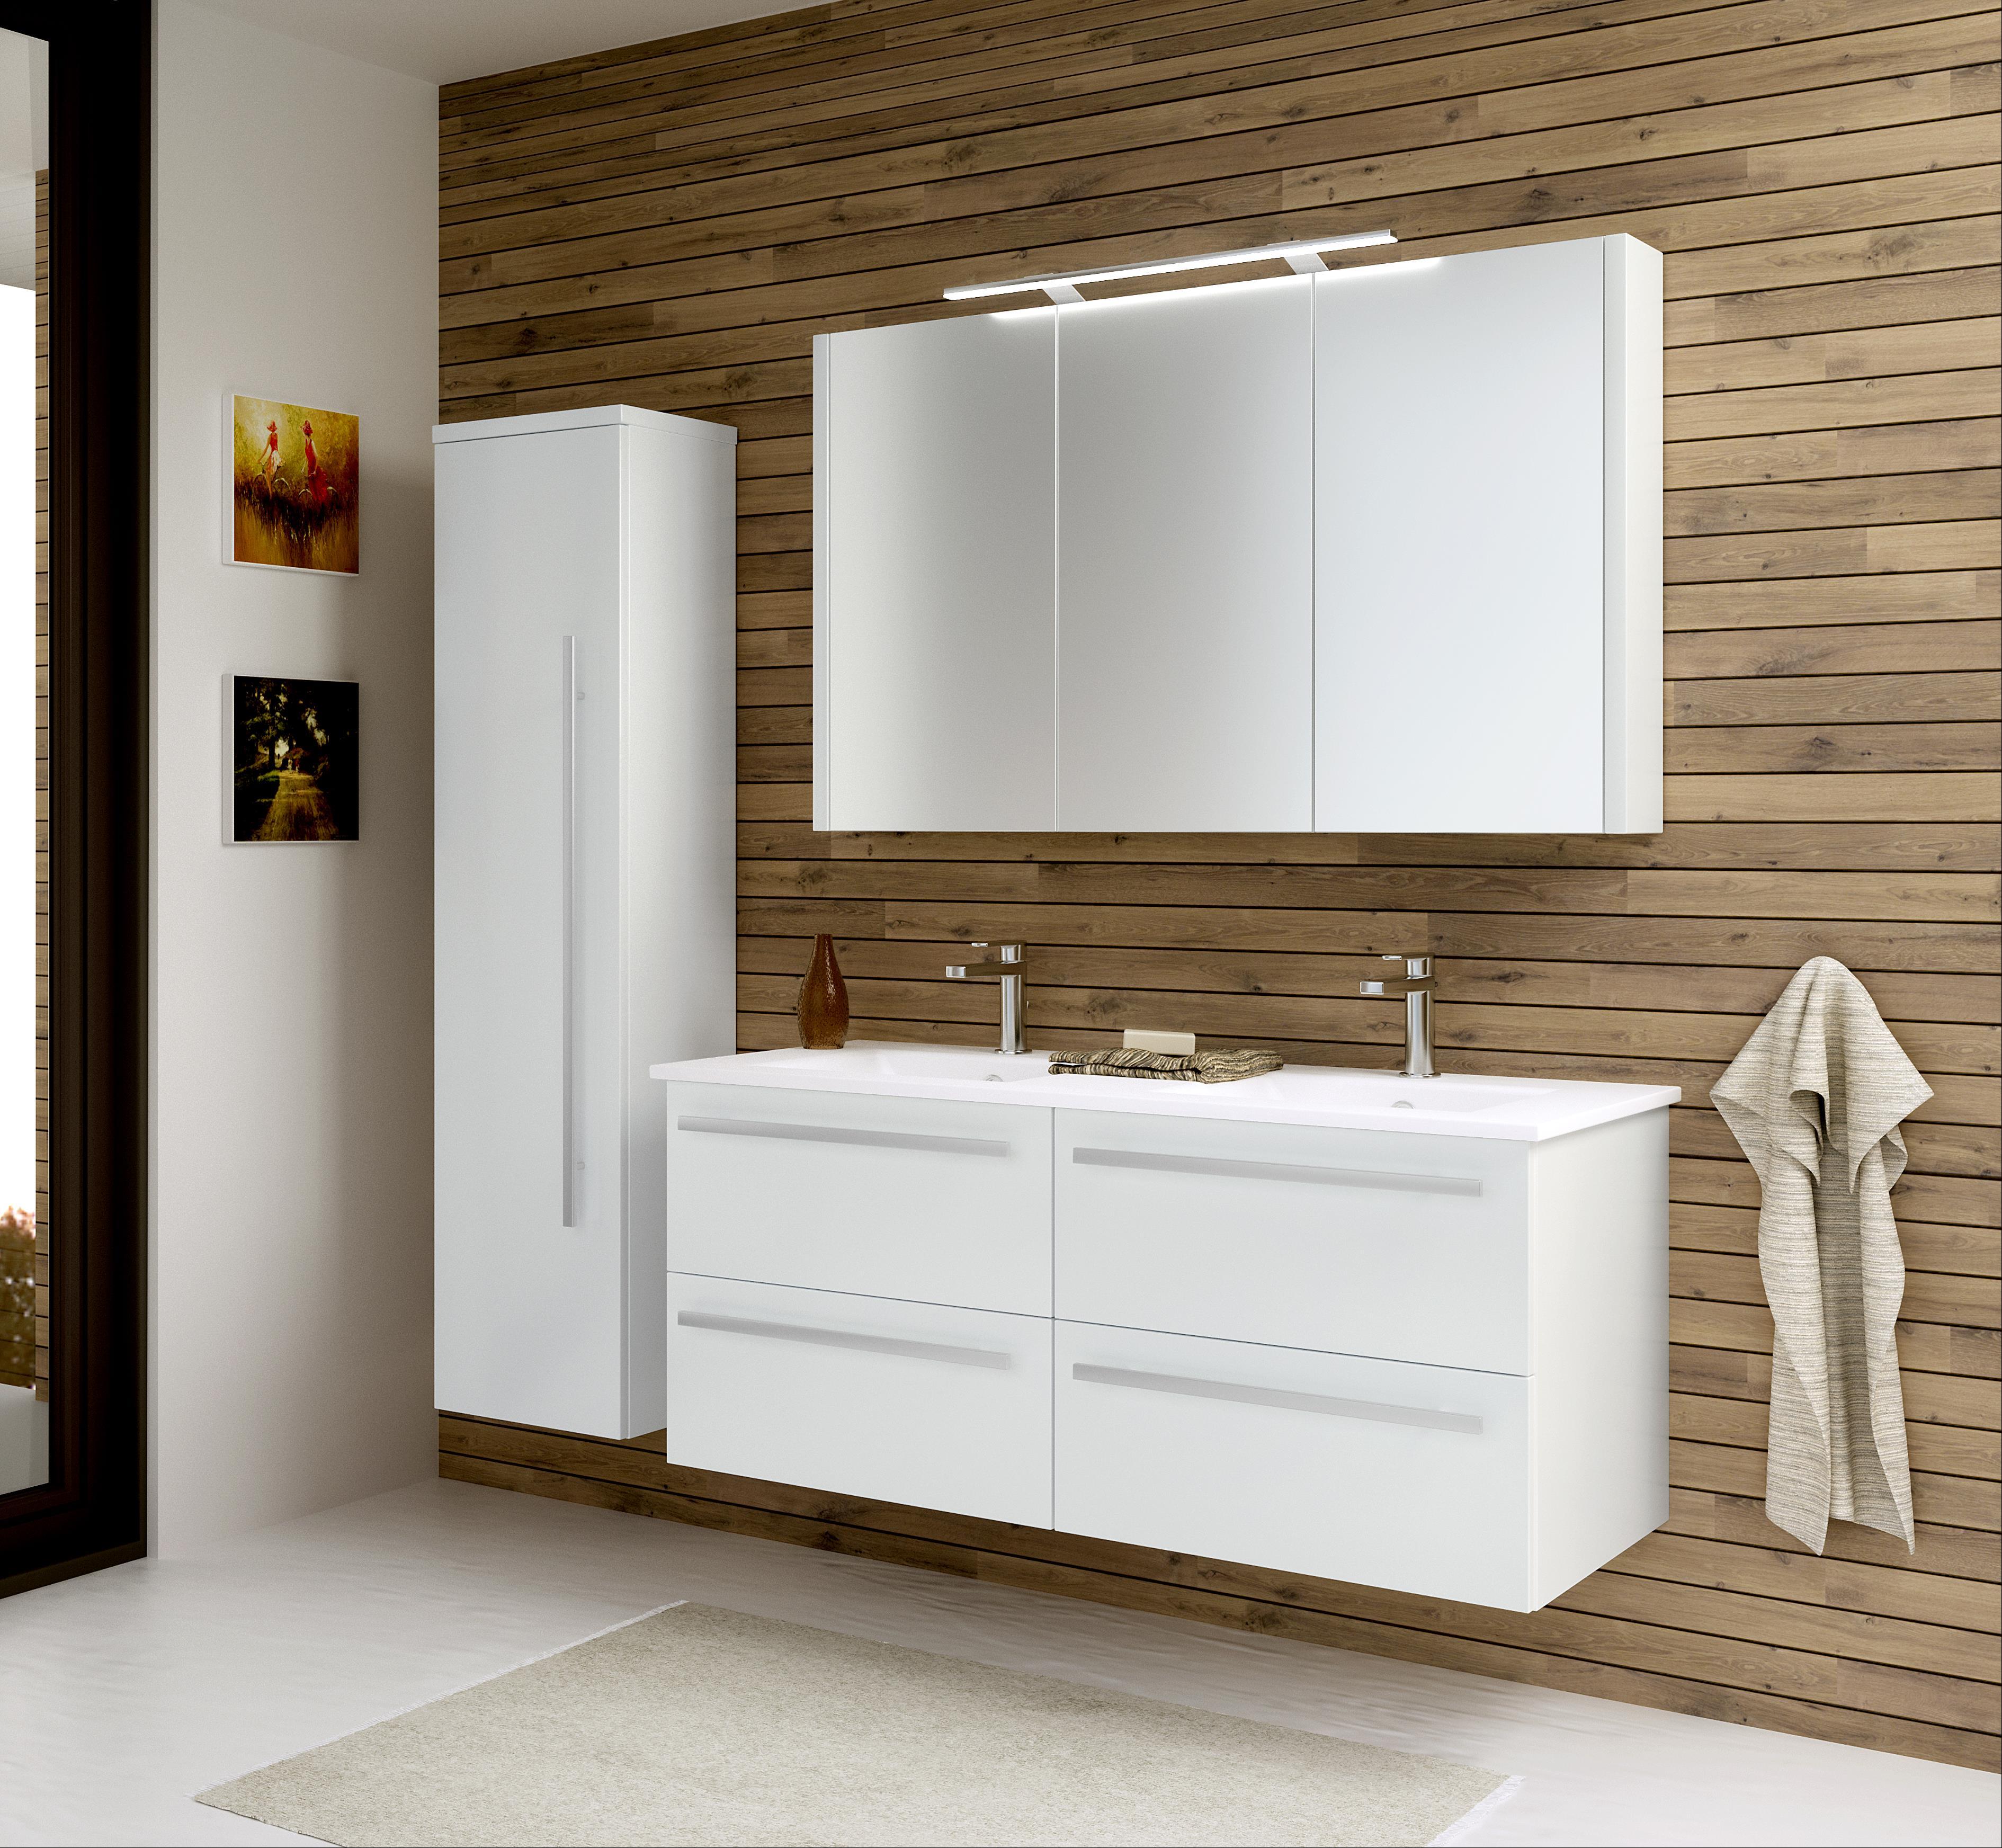 Bad Waschtischunterschrank mit Keramik-Doppelwaschtisch Serena 121 Weiß glänzend Bild 4